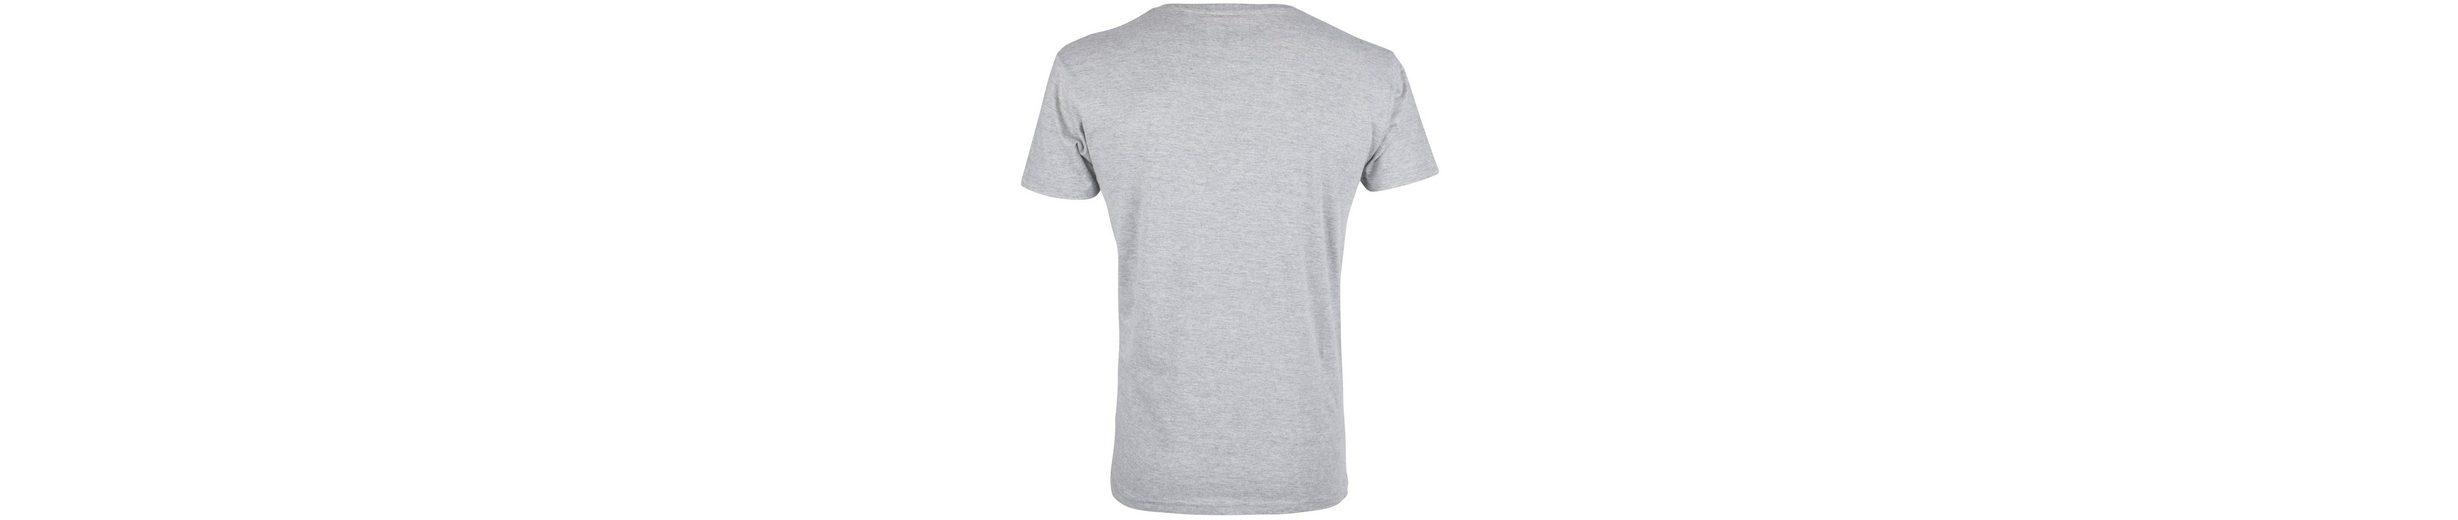 Auslass Klassisch SOULSTAR T-Shirt Verkauf Besten Großhandels jFnsyOyRQ